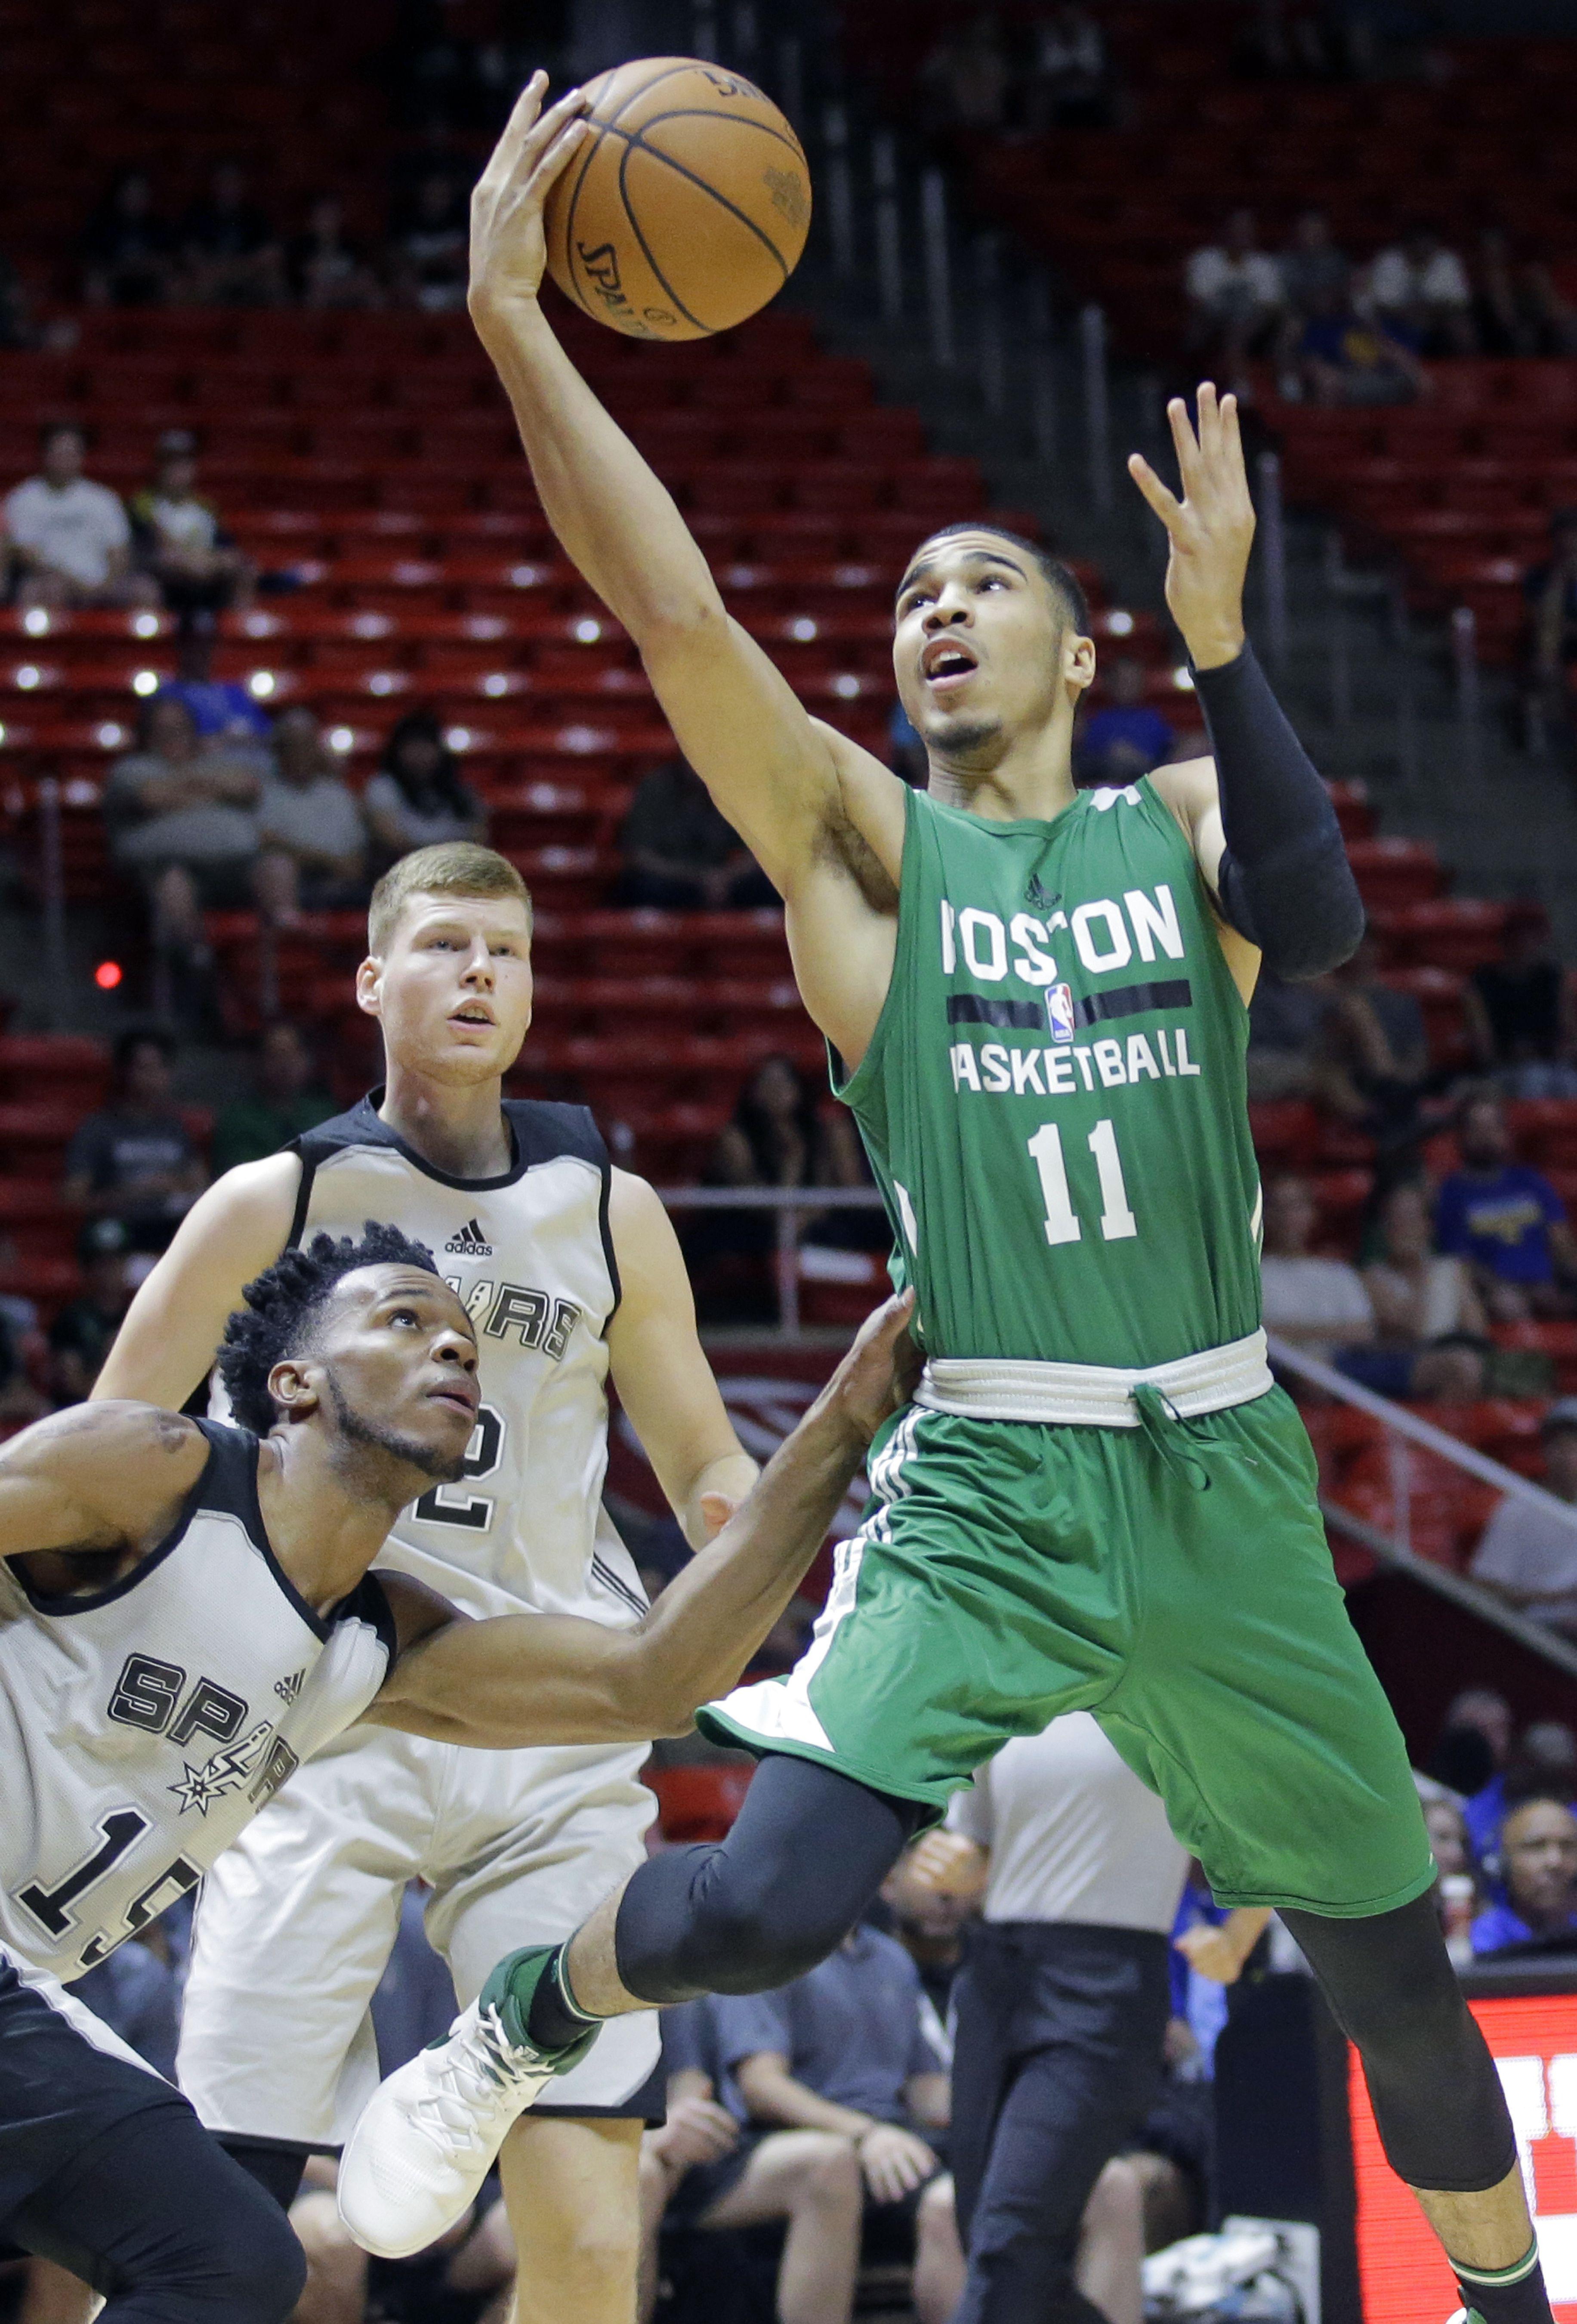 100% authentic 226a6 72fcc Jayson Tatum shines but Celtics lose Summer League game to ...